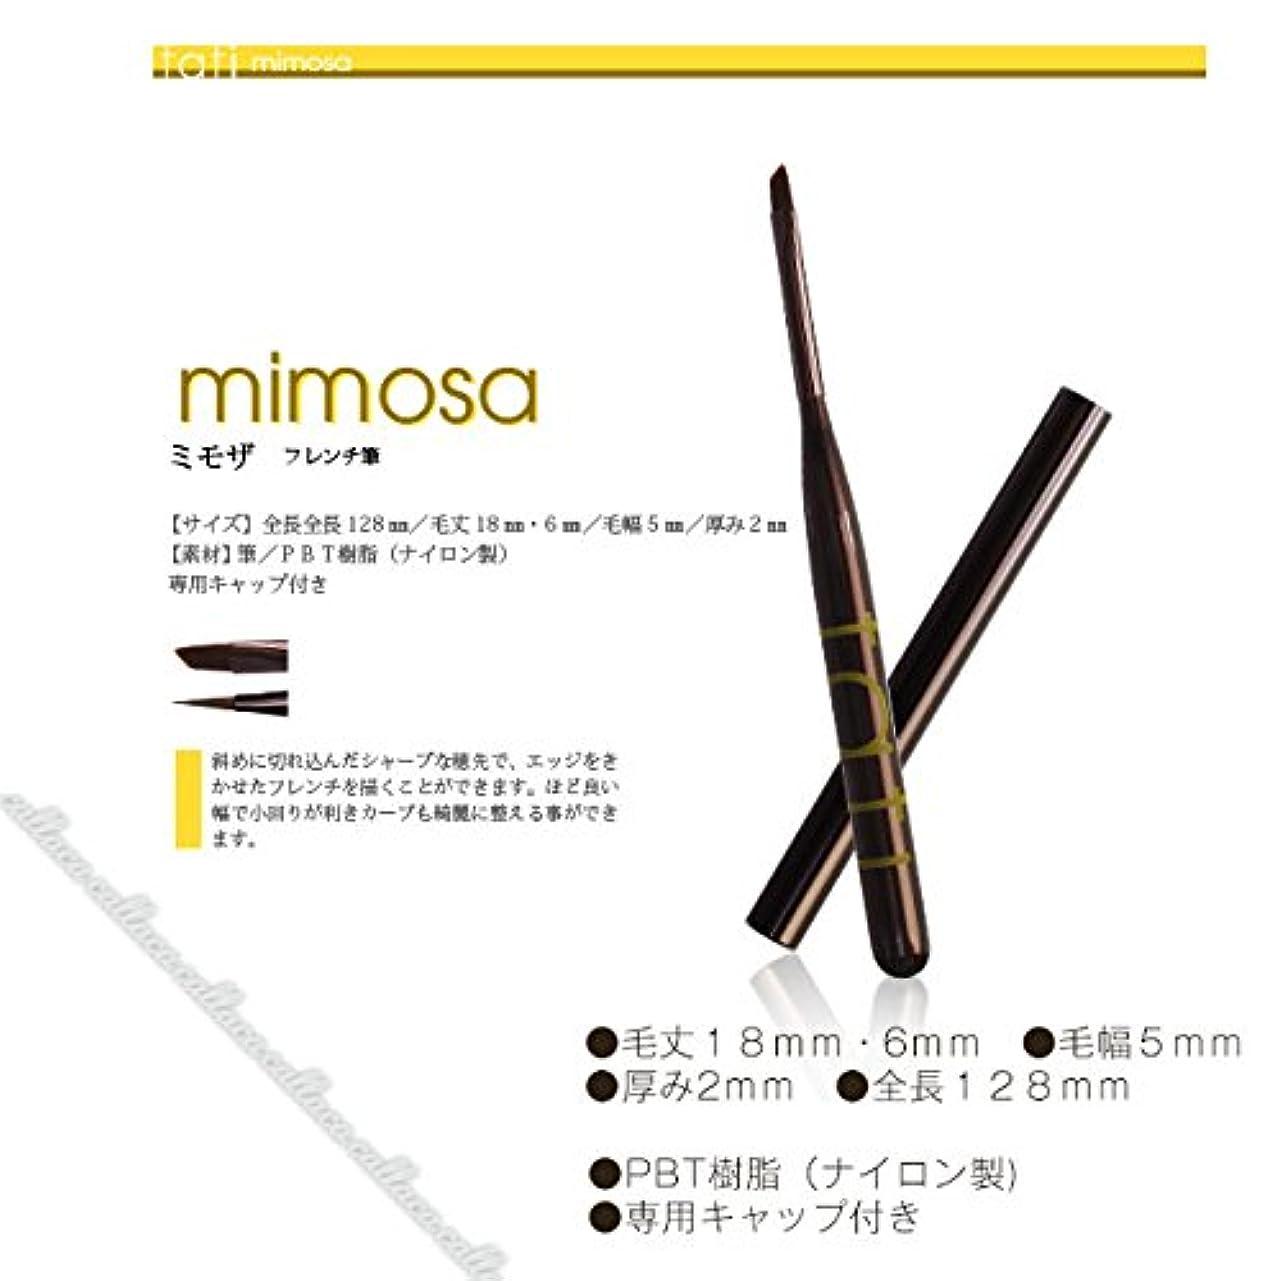 ベッドメロドラマぶら下がるtati アートショコラ mimosa (ミモザ)